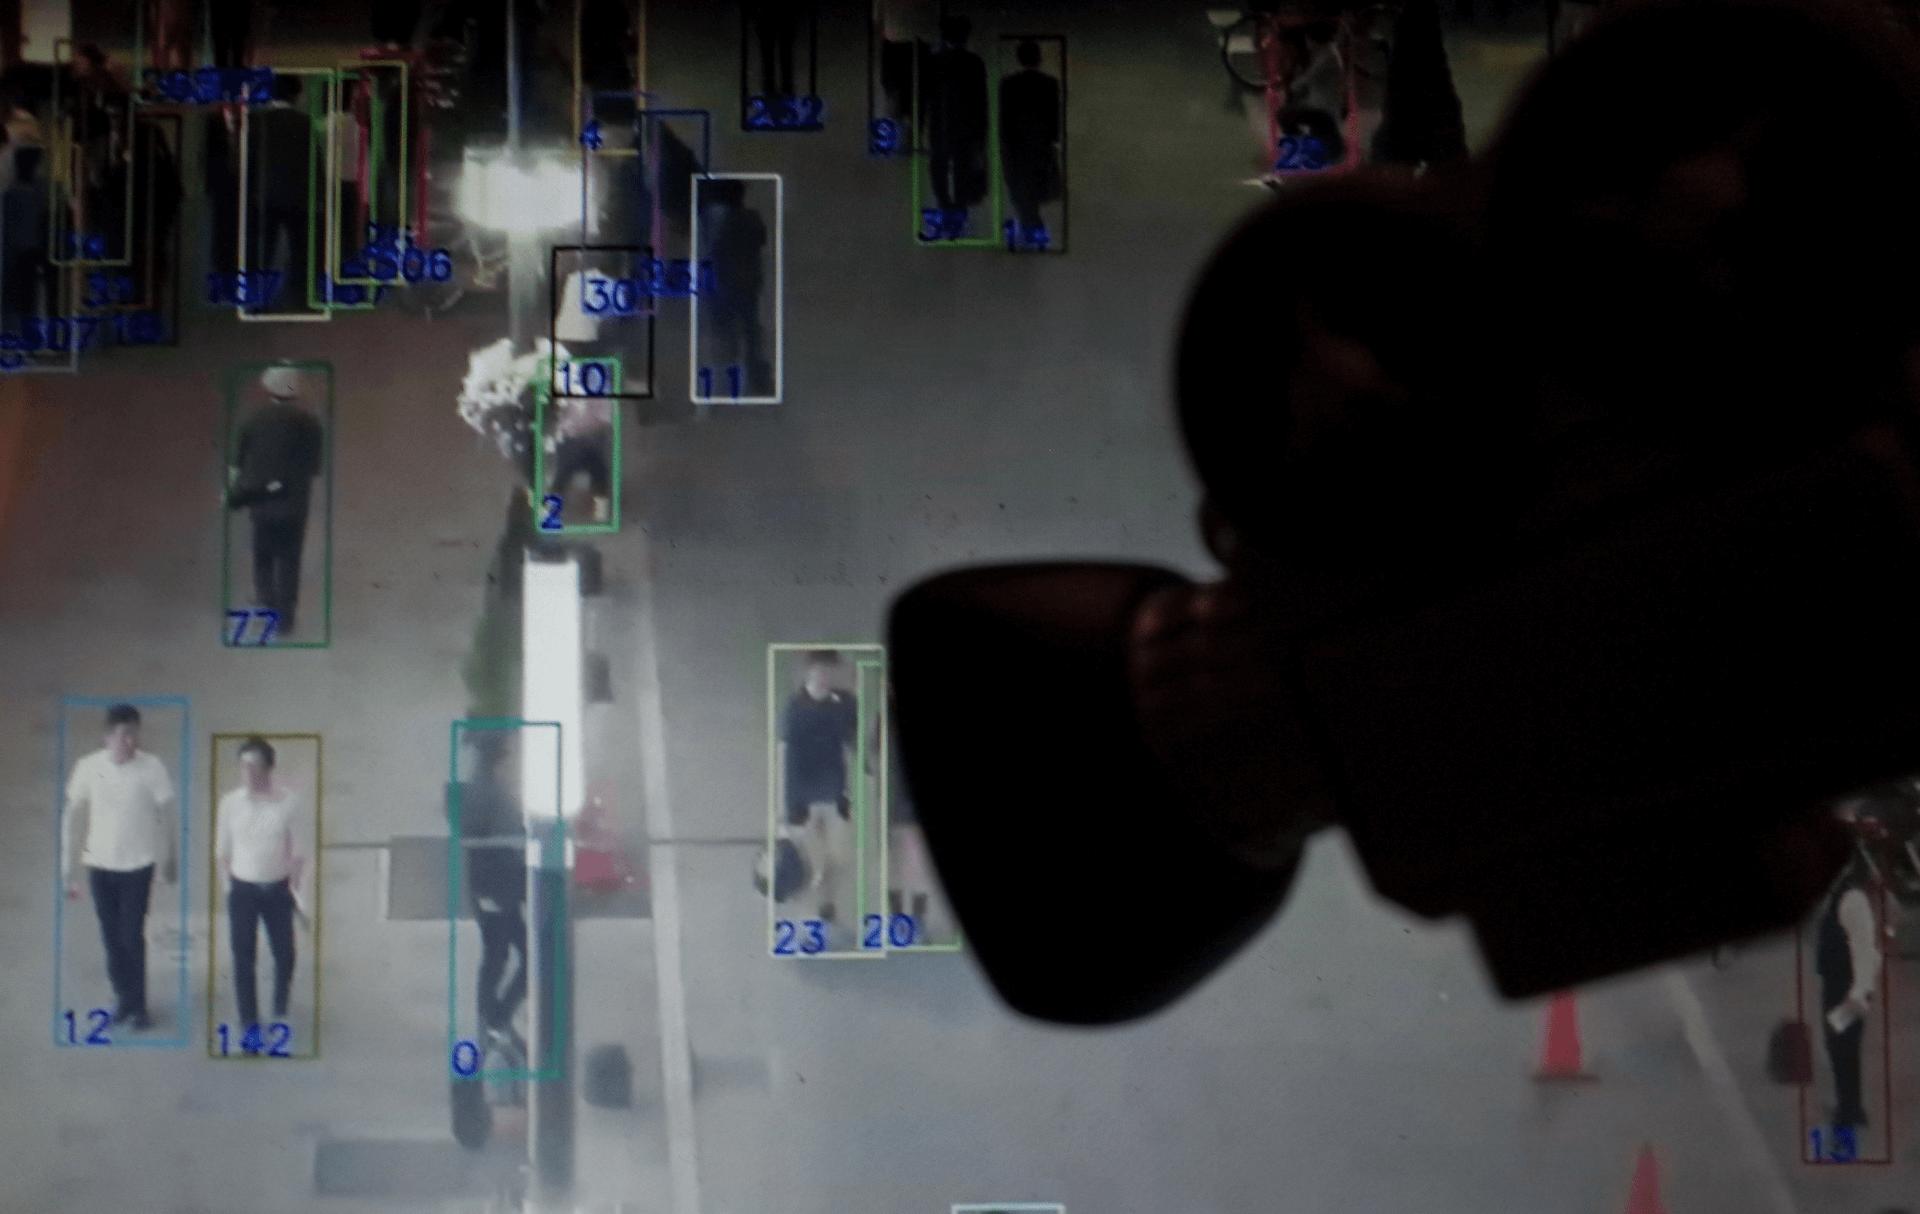 הדמיית טכנולוגיית מעקב אחר אזרחים בסין. צילום: רויטרס